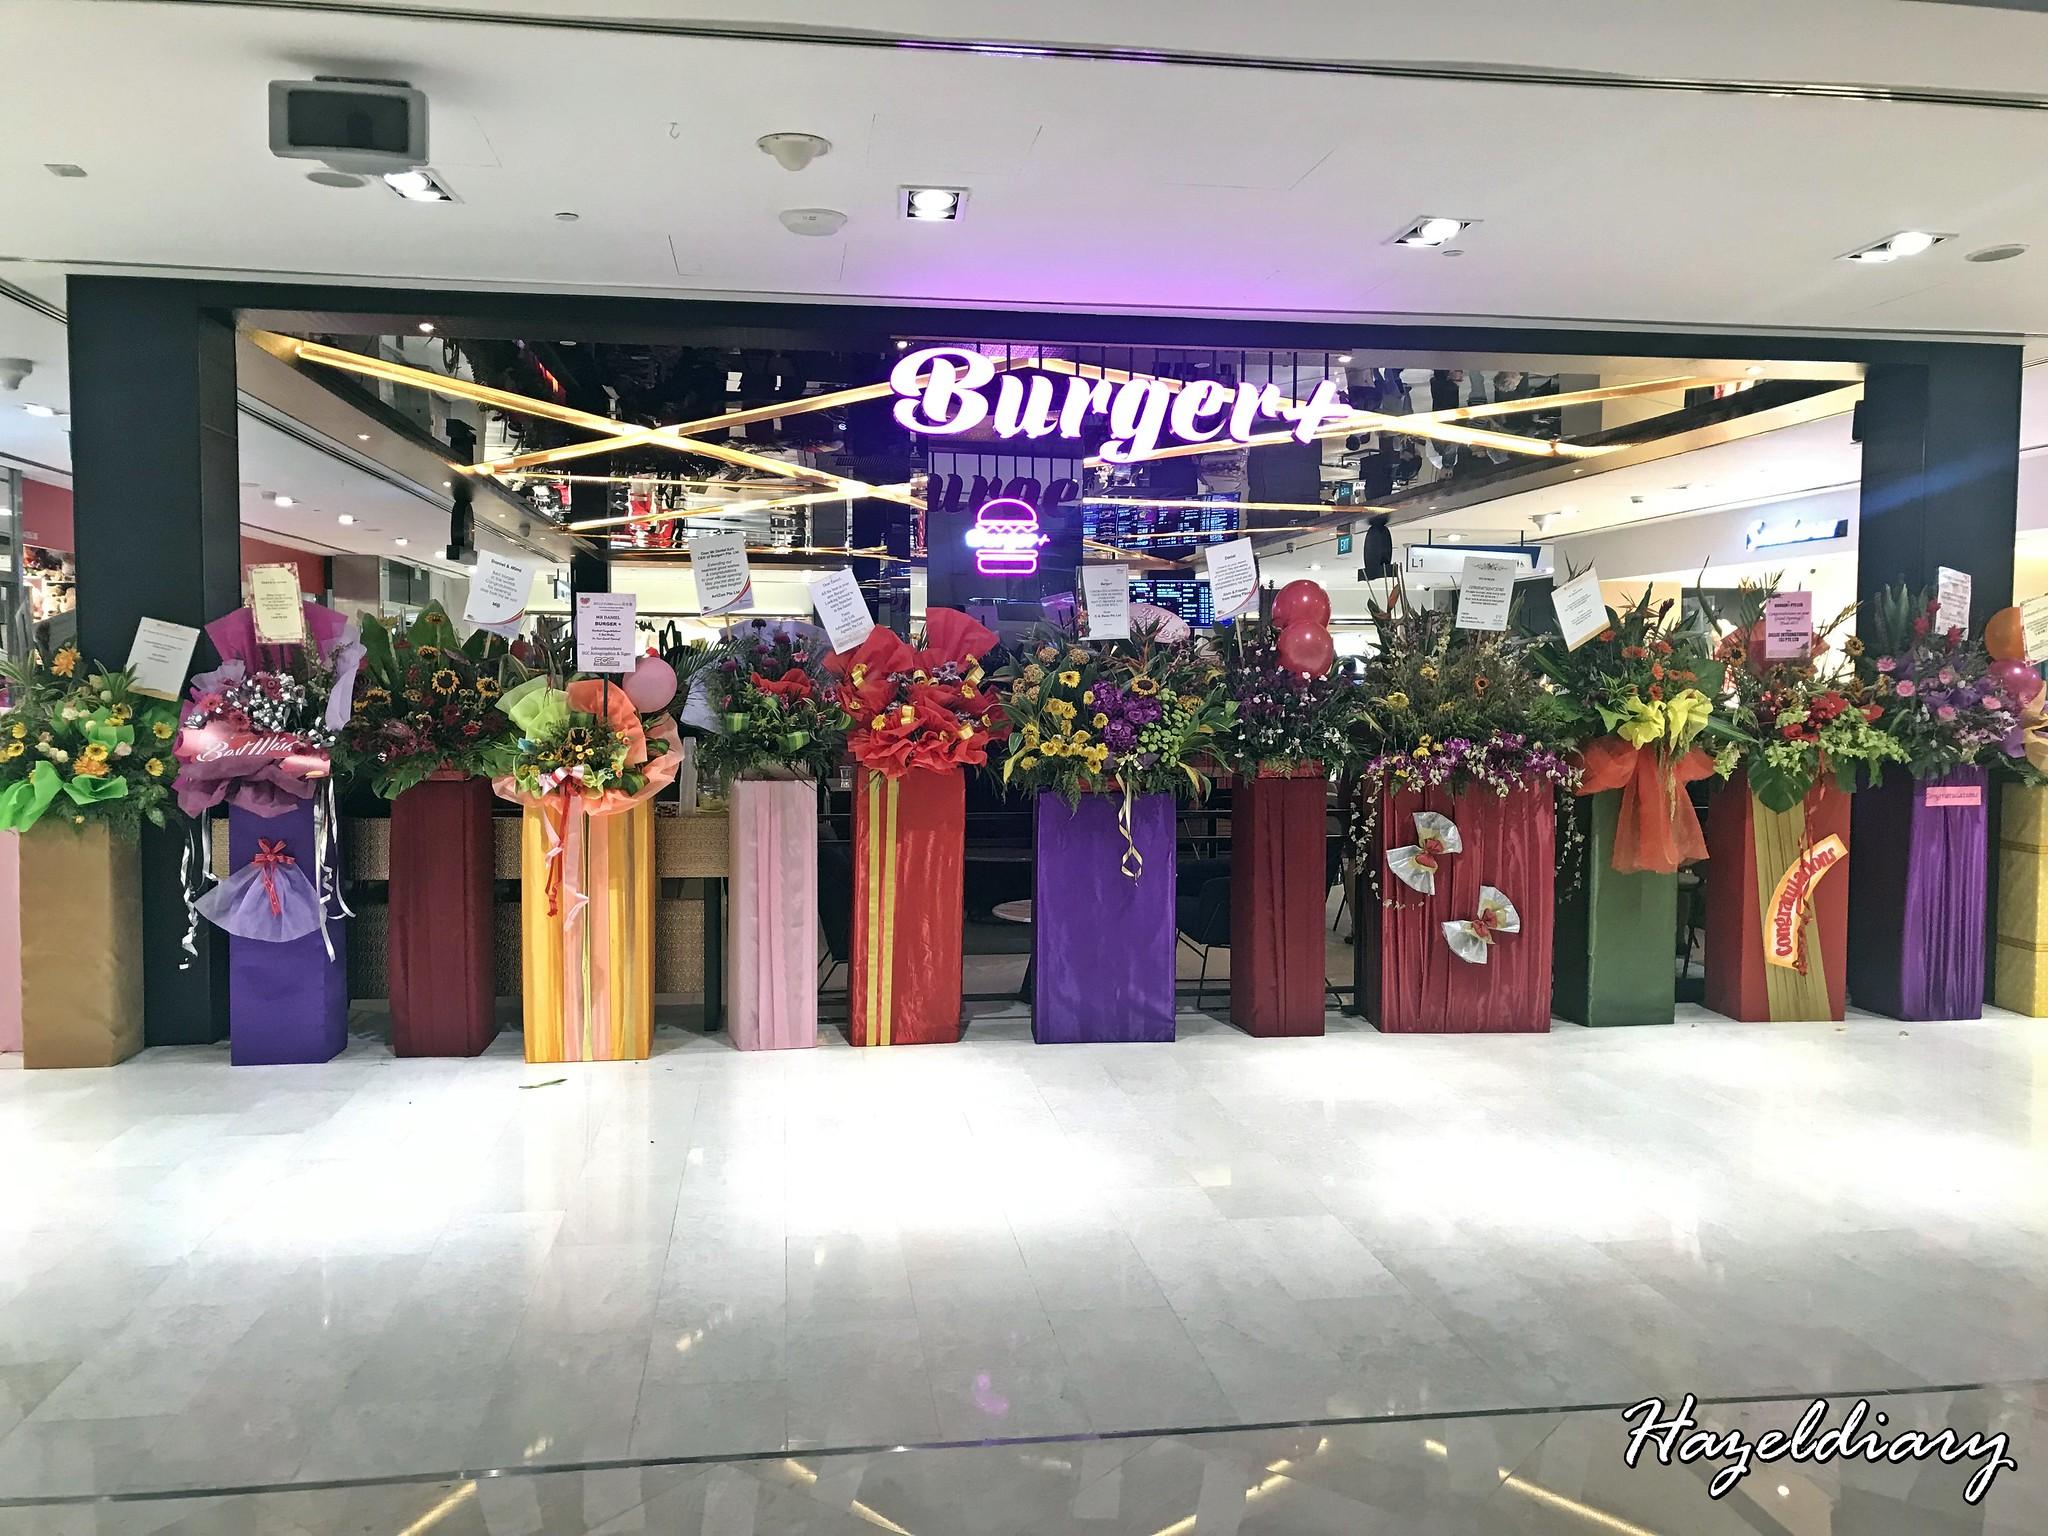 Burger+ Wisma Atria-Singapore-1